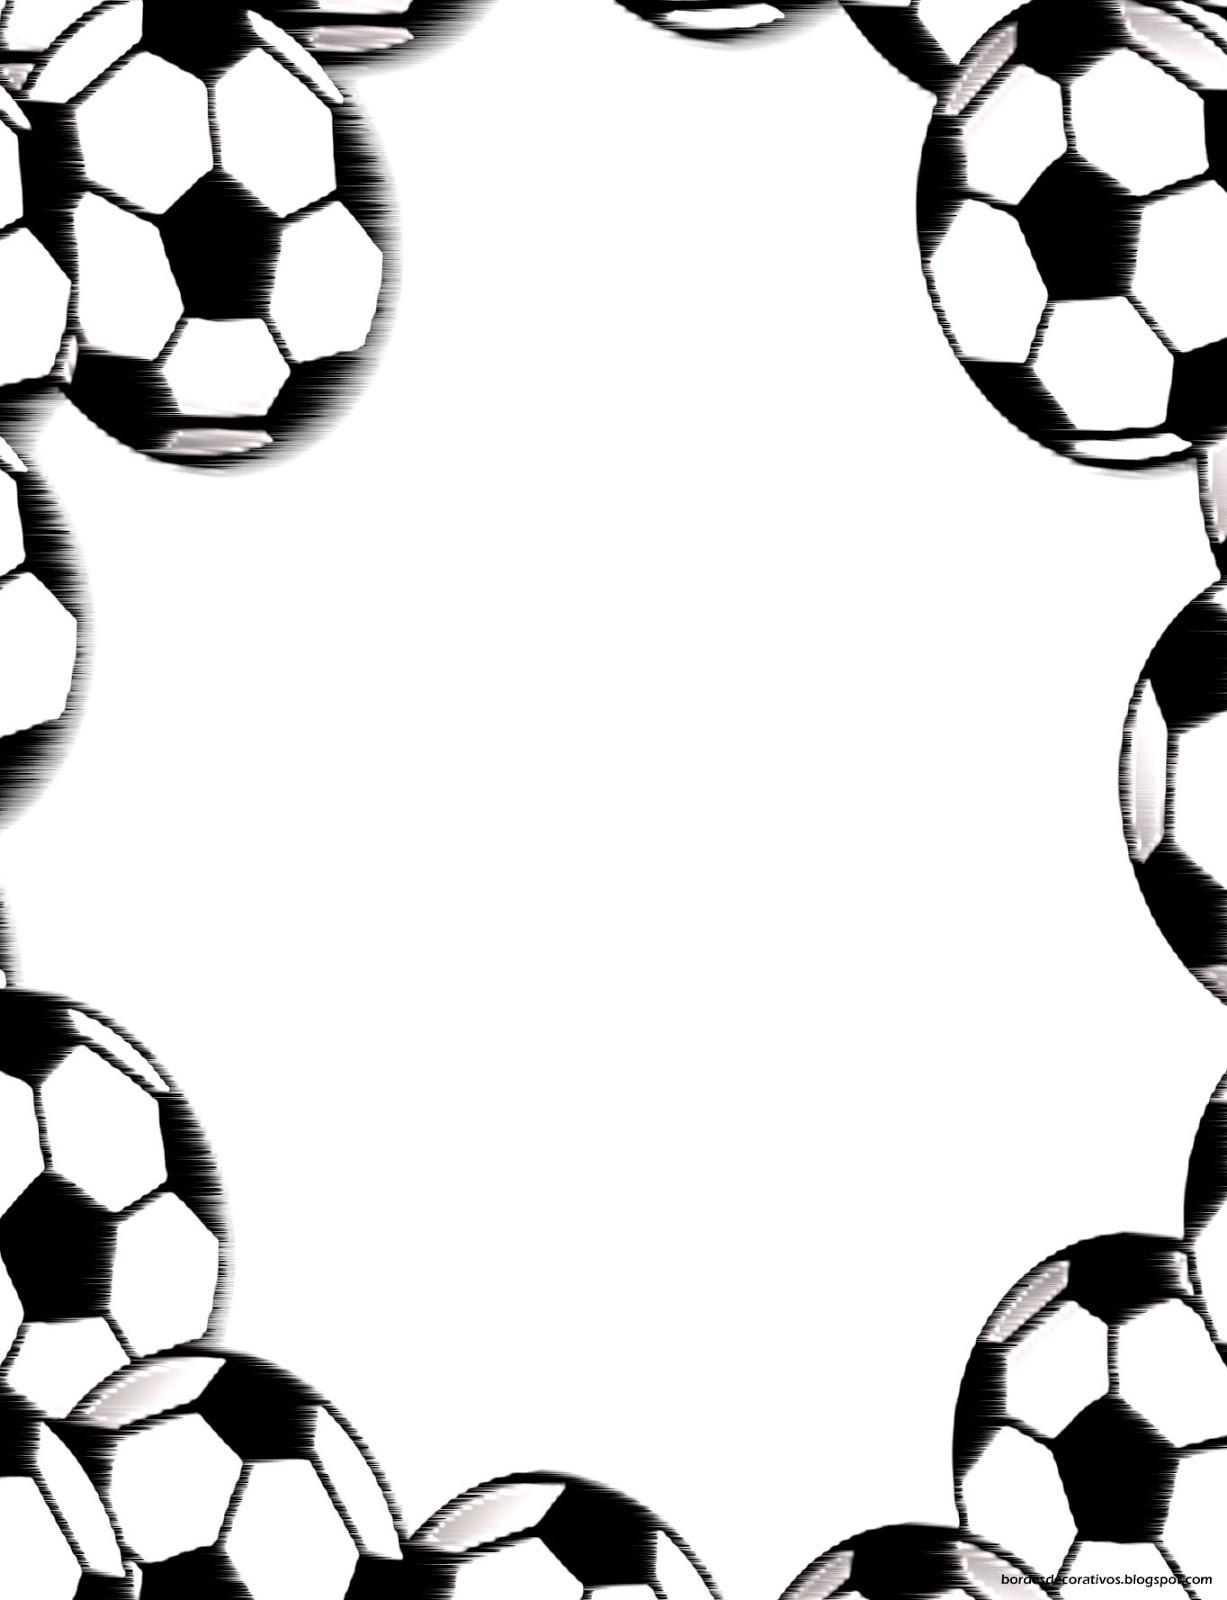 Imagenes De Pelotas De Futbol Para Colorear